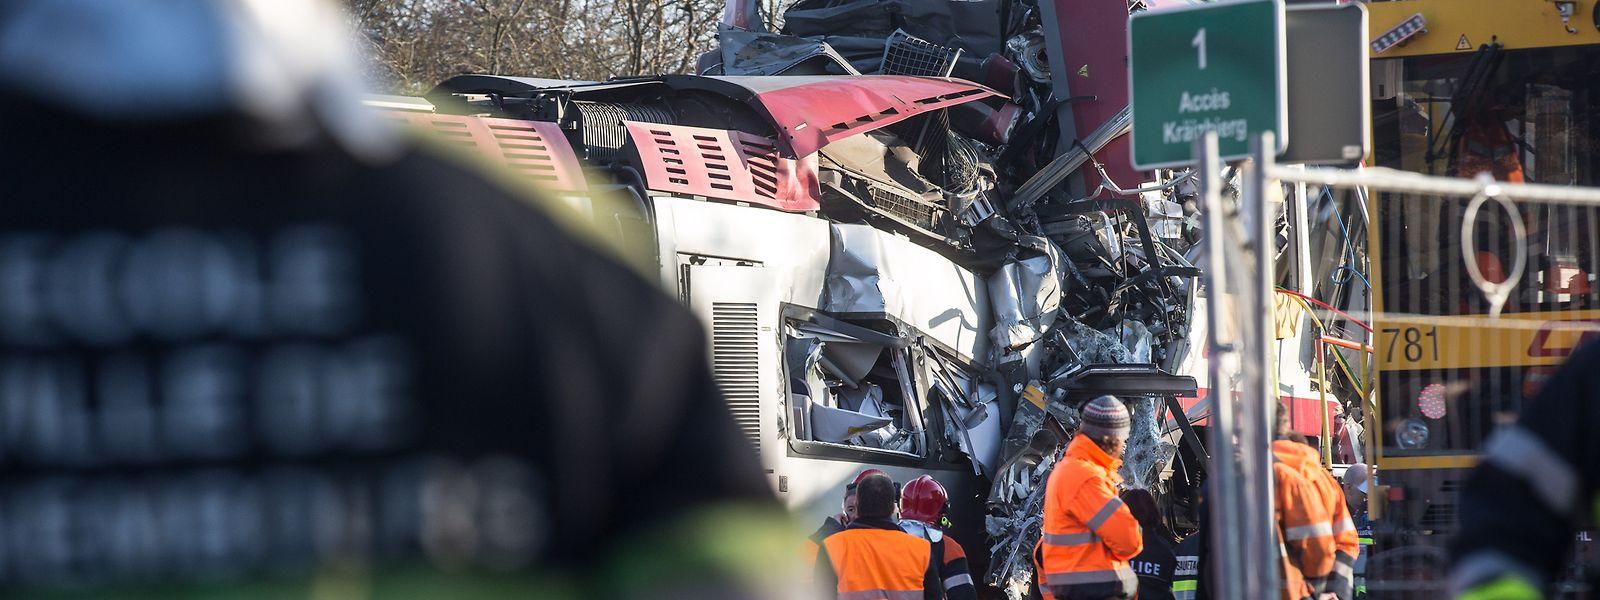 Selon les conclusions du rapport final de l'administration des enquêtes techniques, plusieurs défaillances expliquent la collision mortelle survenue le 14 février 2017.